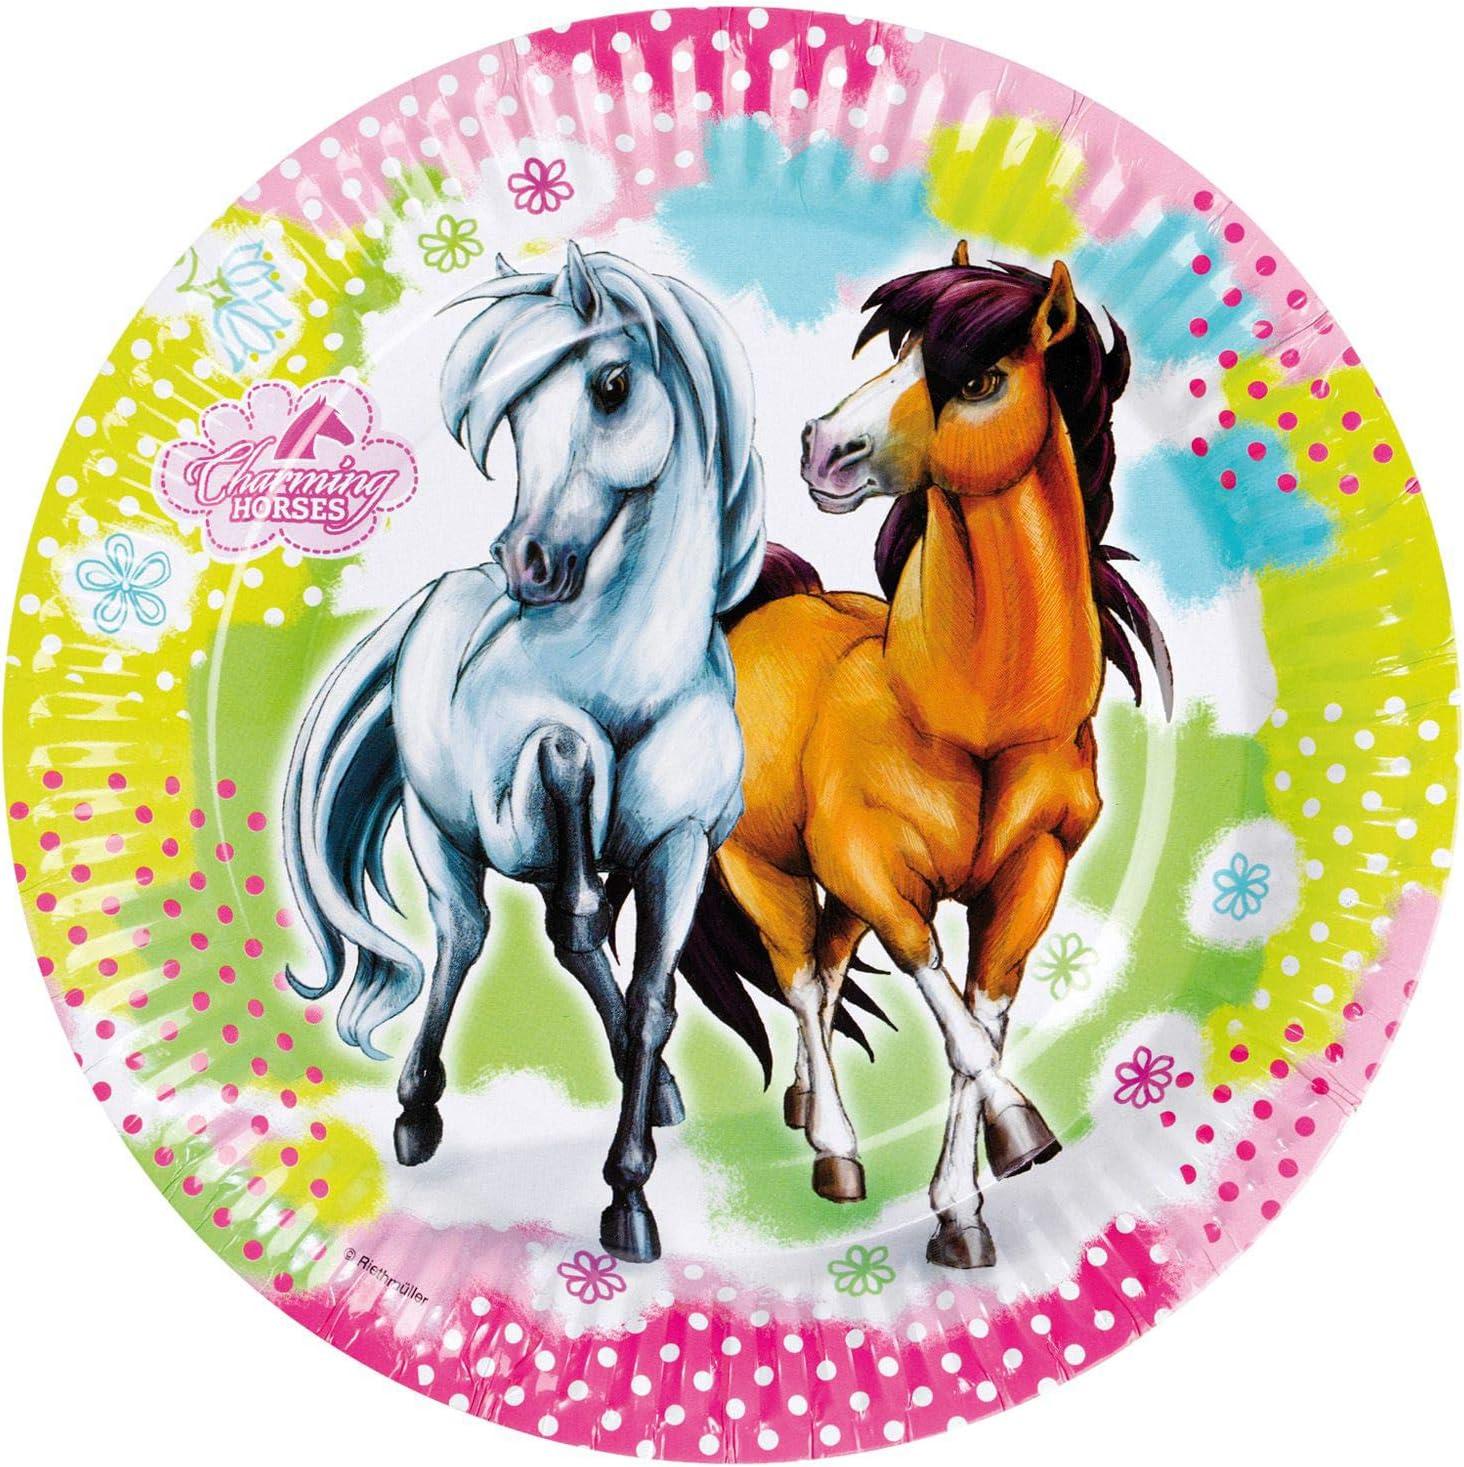 amscan falksson RM552341 Charming Horses - Plato de cartón (8 Unidades), diseño de Caballos